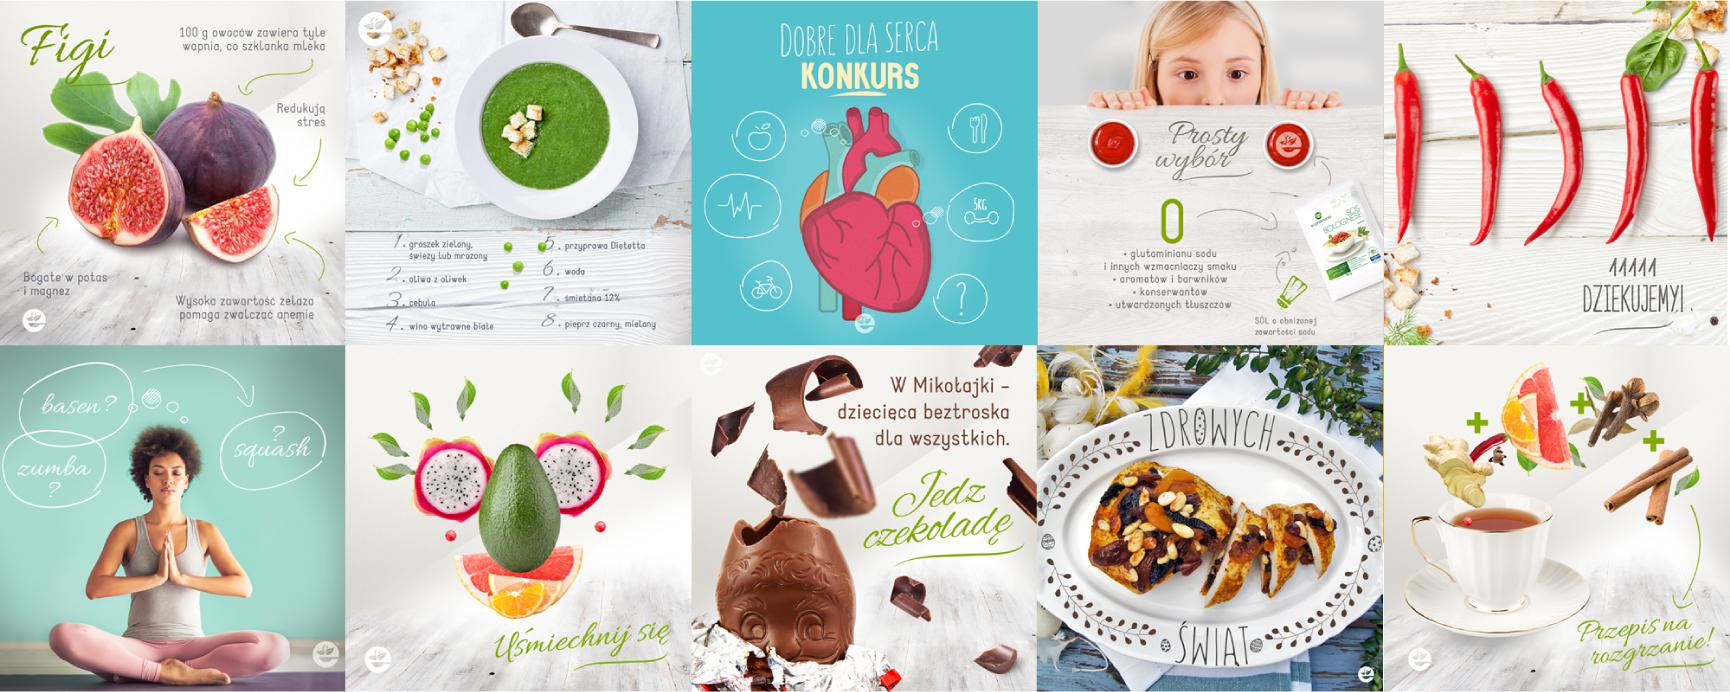 e-condimenta - Kocham życie, |jem zdrowo